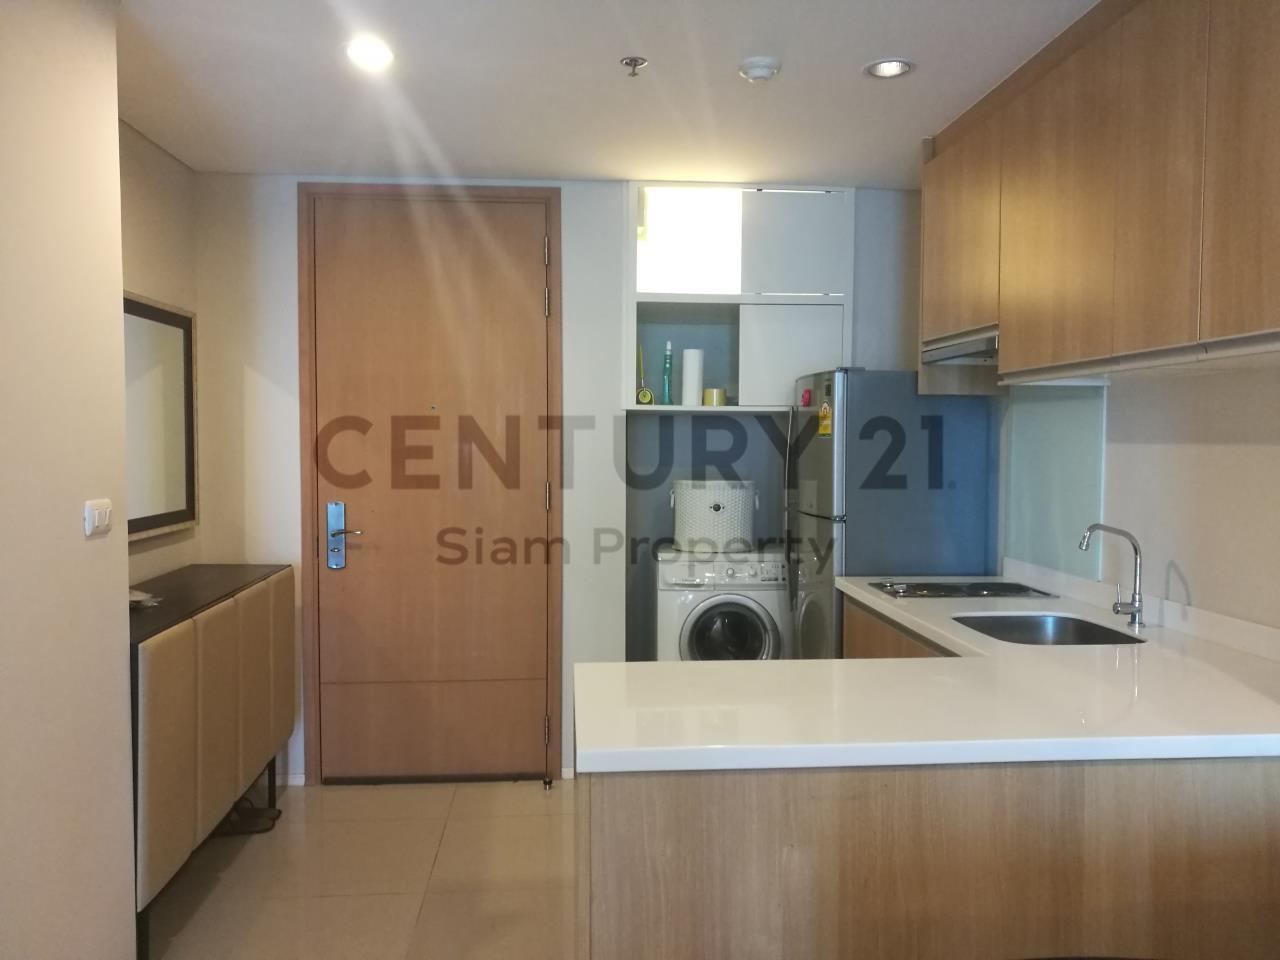 Century21 Siam Property Agency's Villa Asoke 19